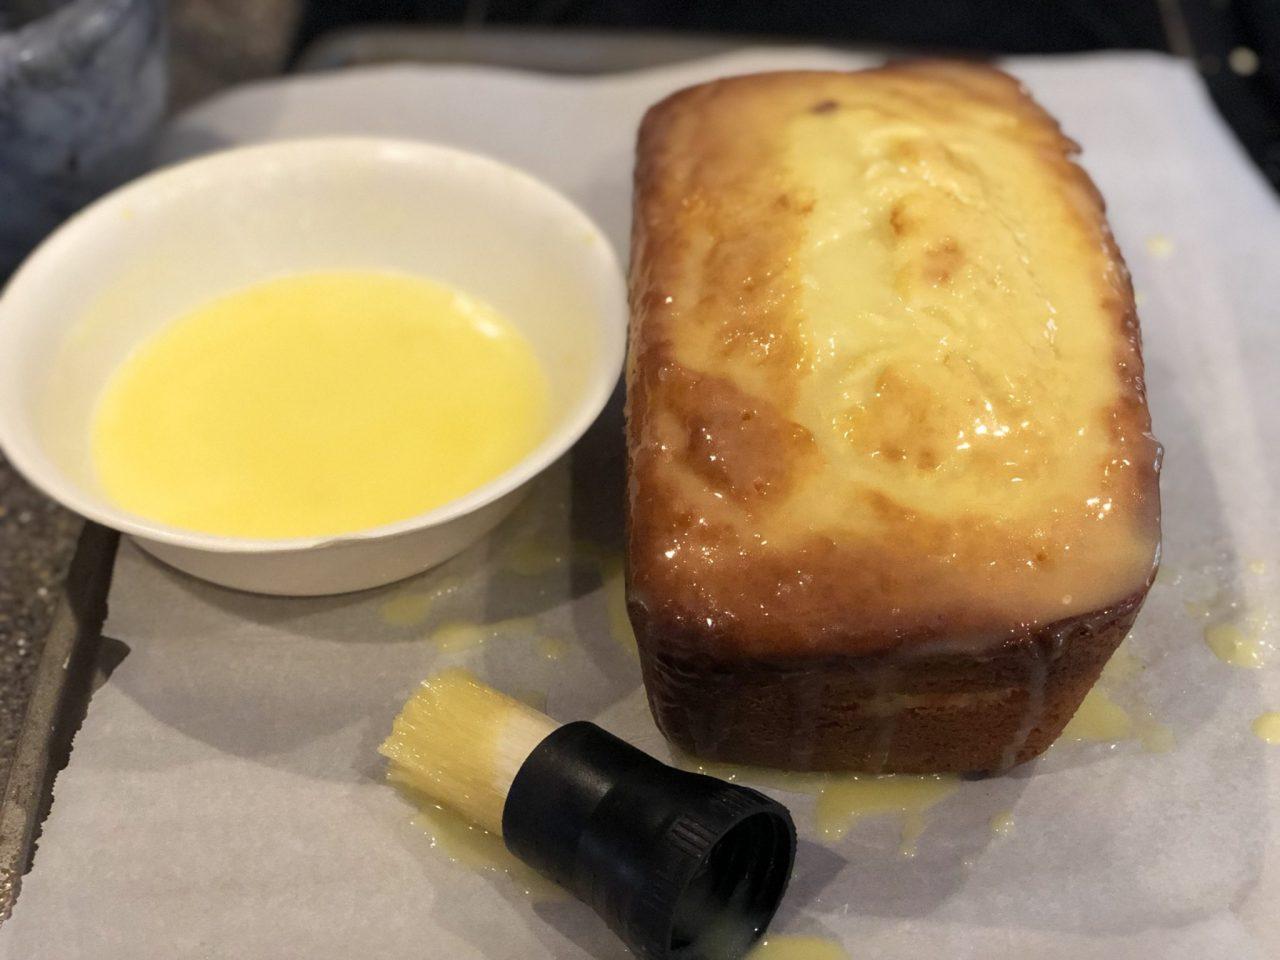 French Lemon cake, Cake au citron, soaking